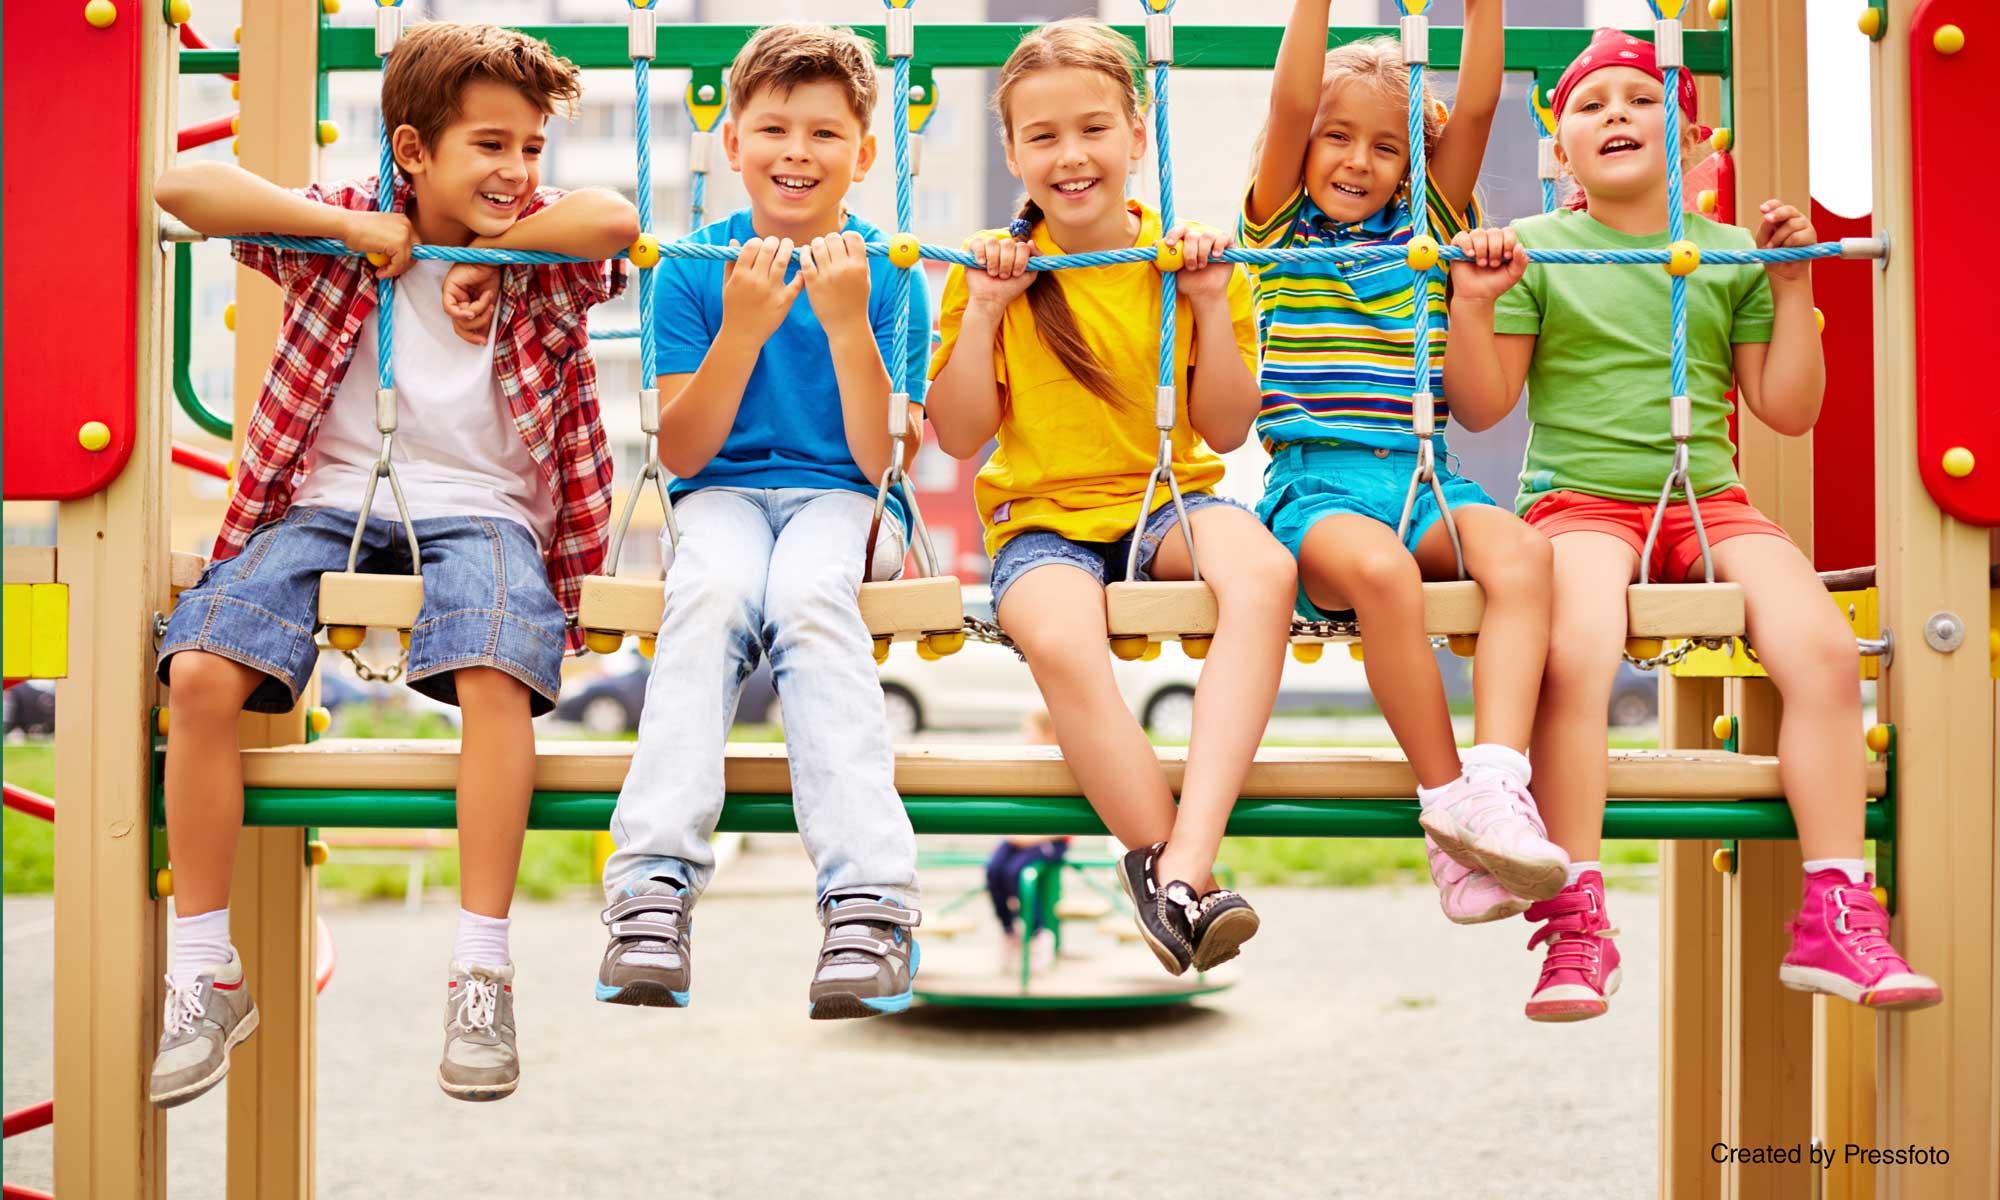 Protezioni per scuole palestre parchi gioco codex srl - Protezioni per bambini in casa ...